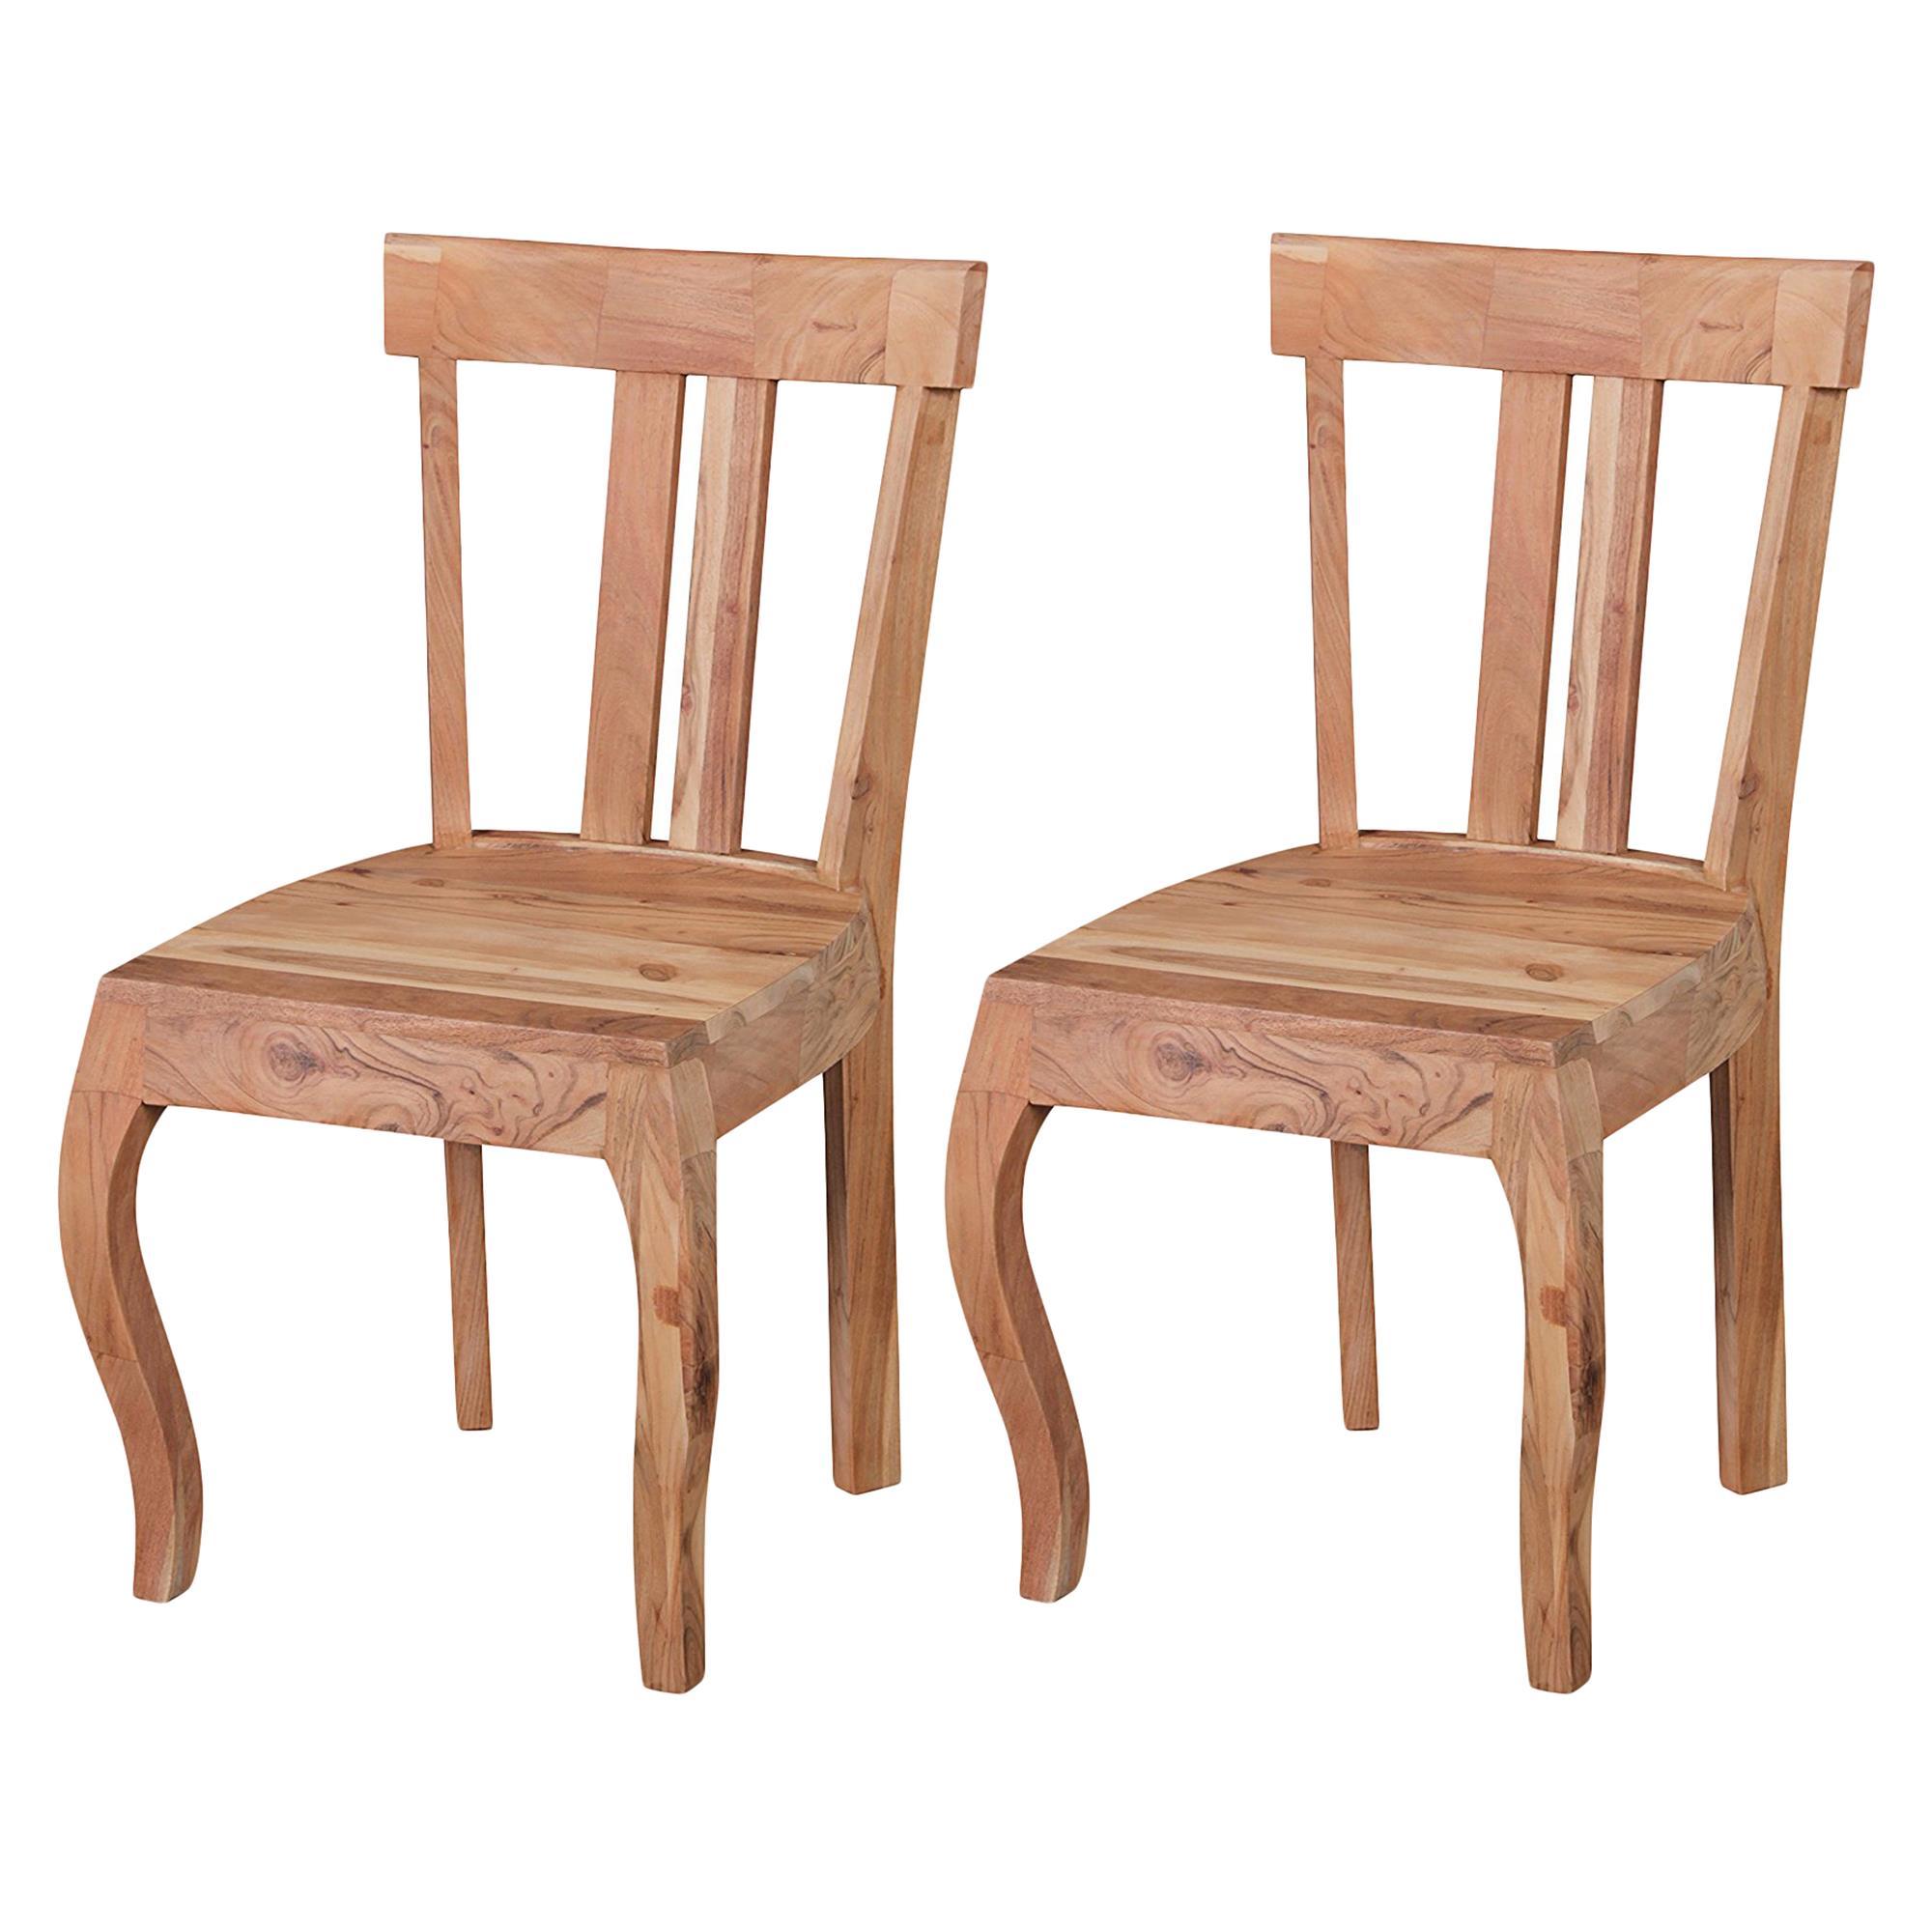 Conjunto 2 sillas de comedor ronda madera de acacia for Sillas madera maciza para comedor